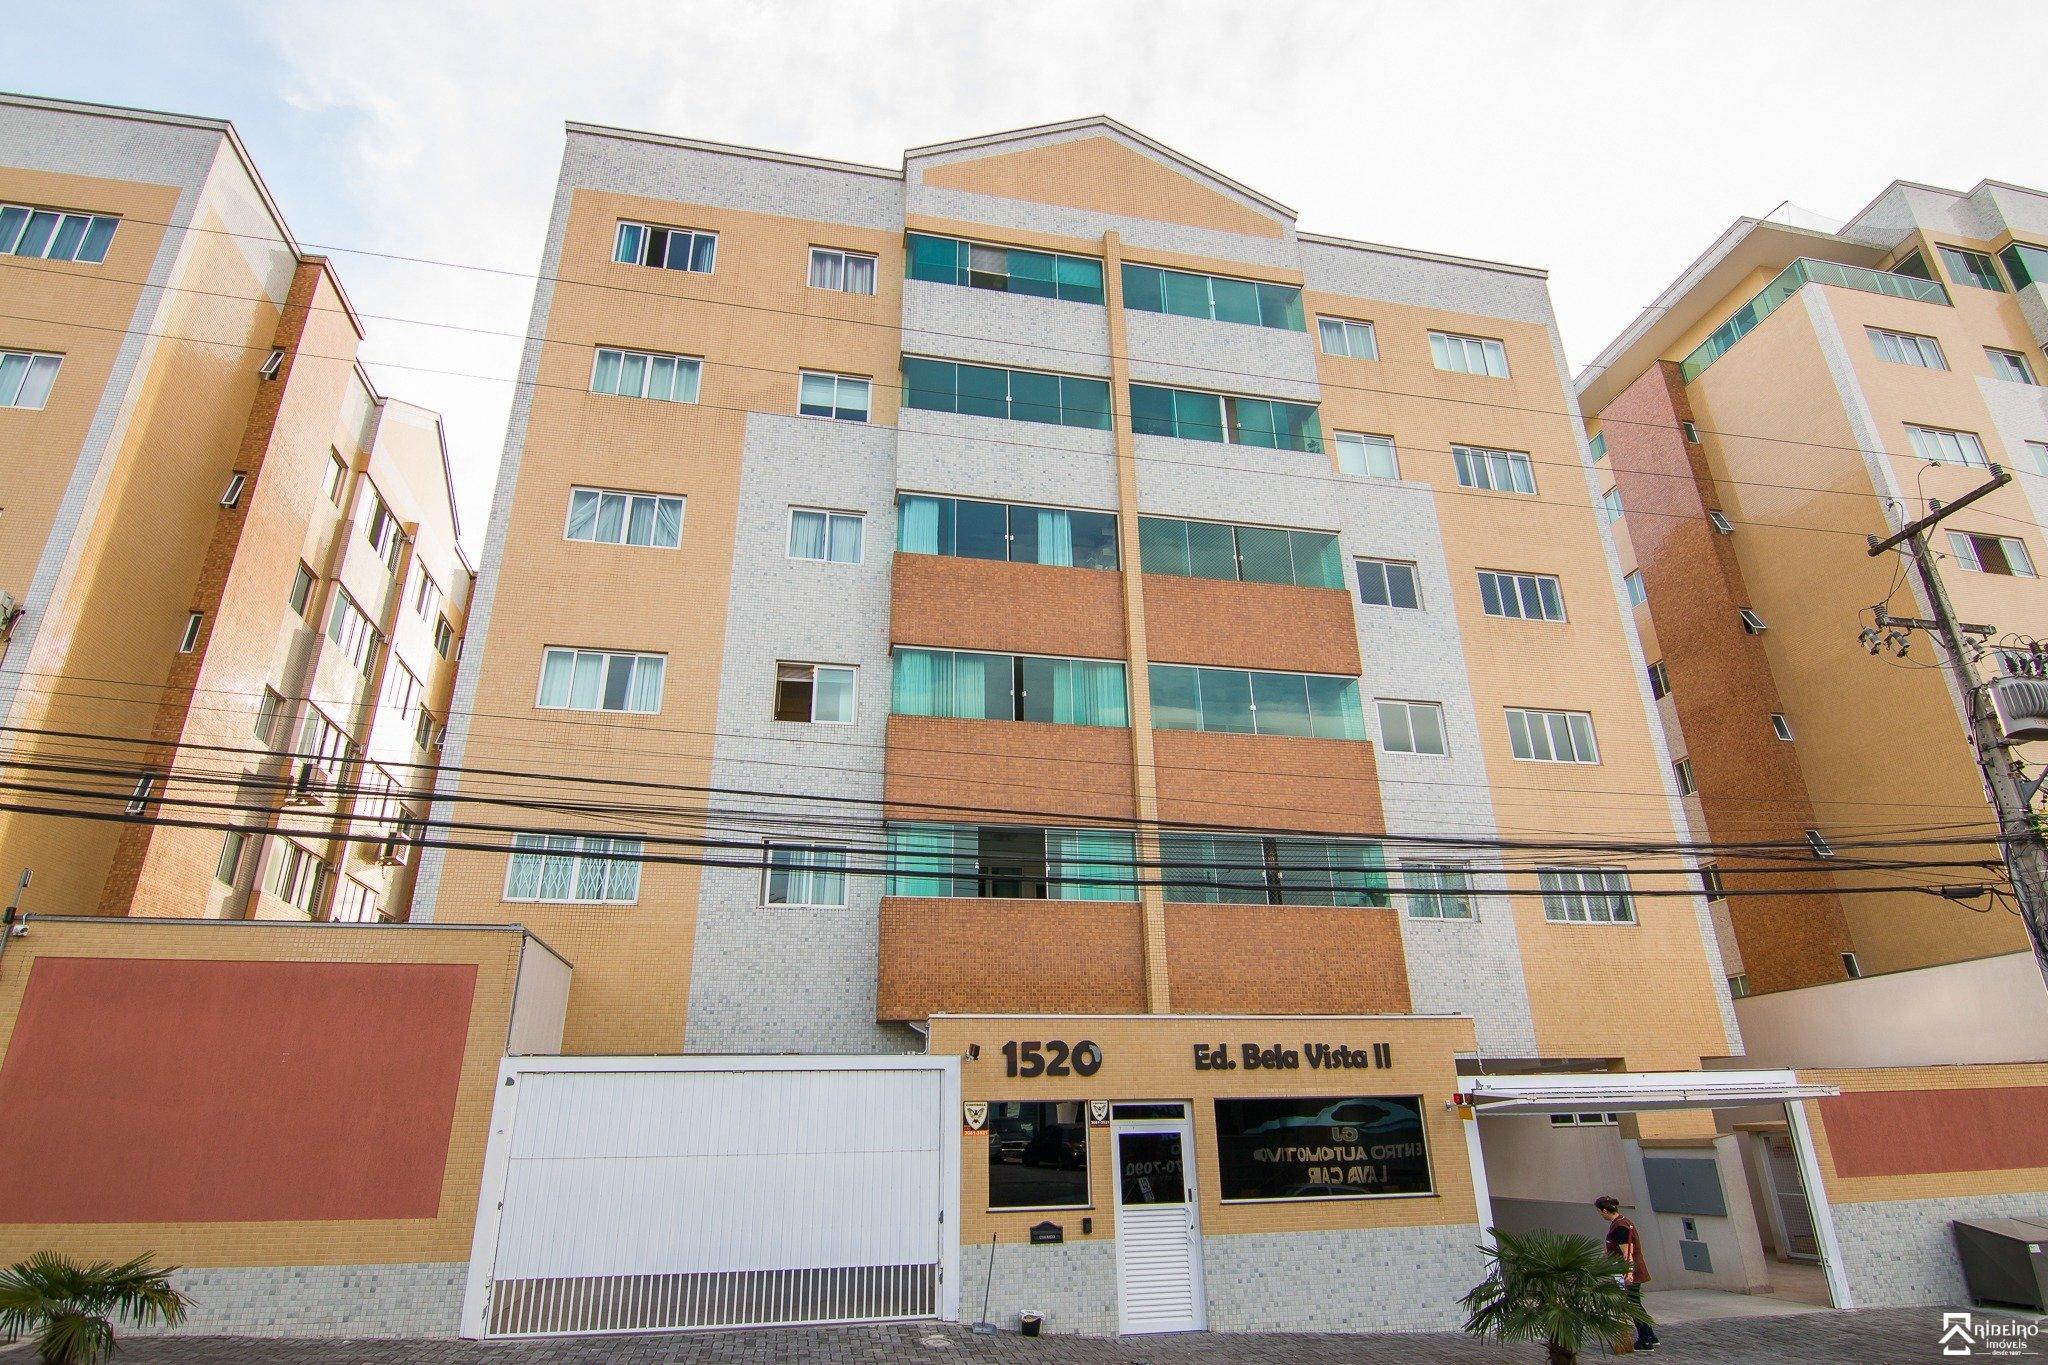 REF. 4686 -  São José Dos Pinhais - Rua  Doutor Motta Junior, 1520 - Apto 201